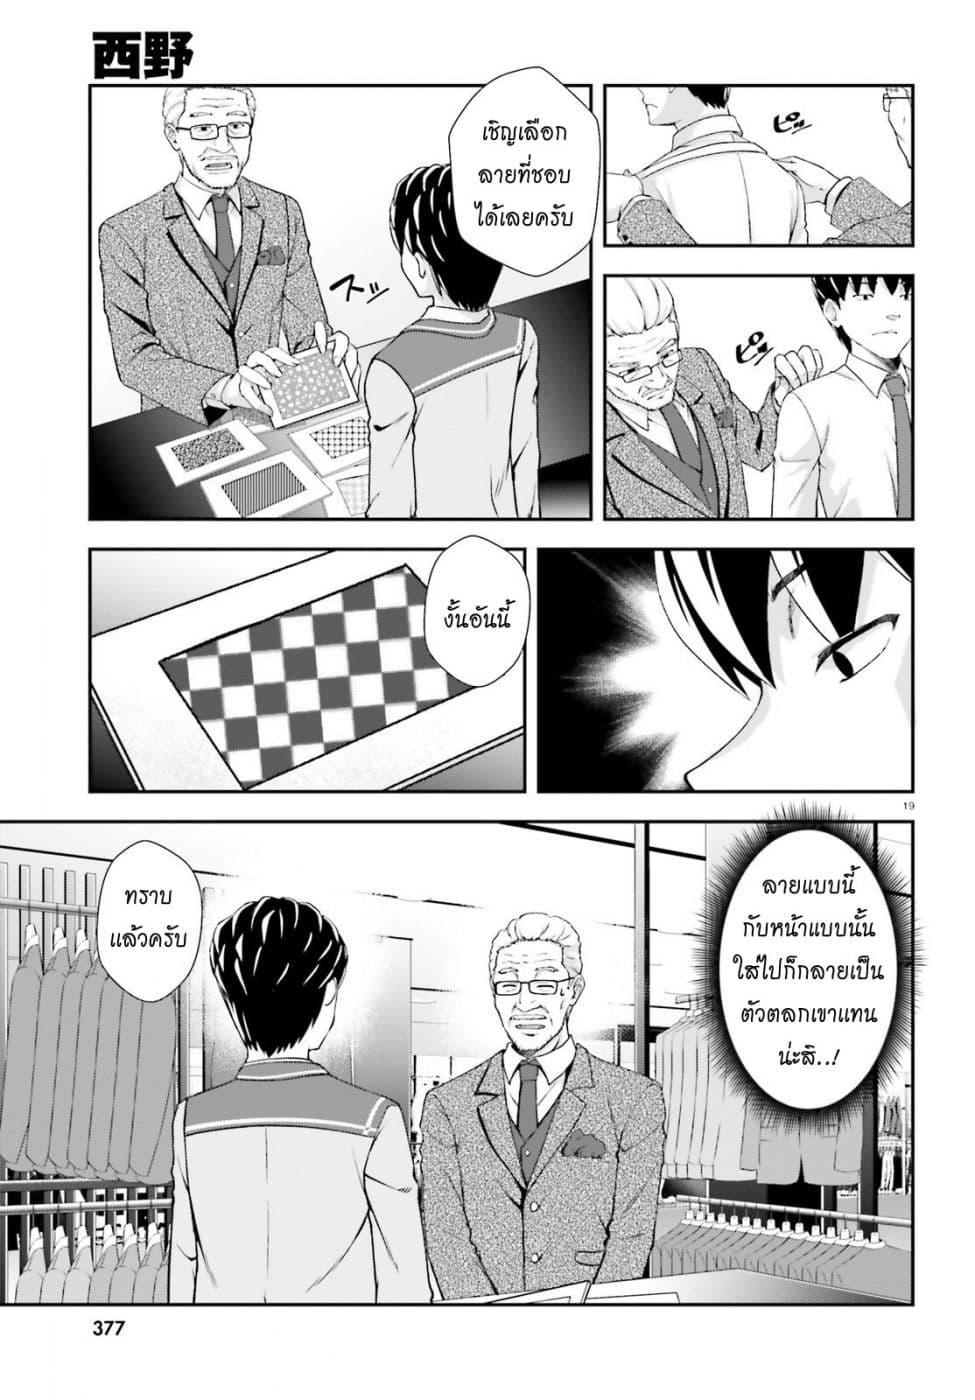 อ่านการ์ตูน Nishino Gakunai Caste Saikai Ni Shite Ino Sekai Saikyo No Shonen ตอนที่ 6 หน้าที่ 16